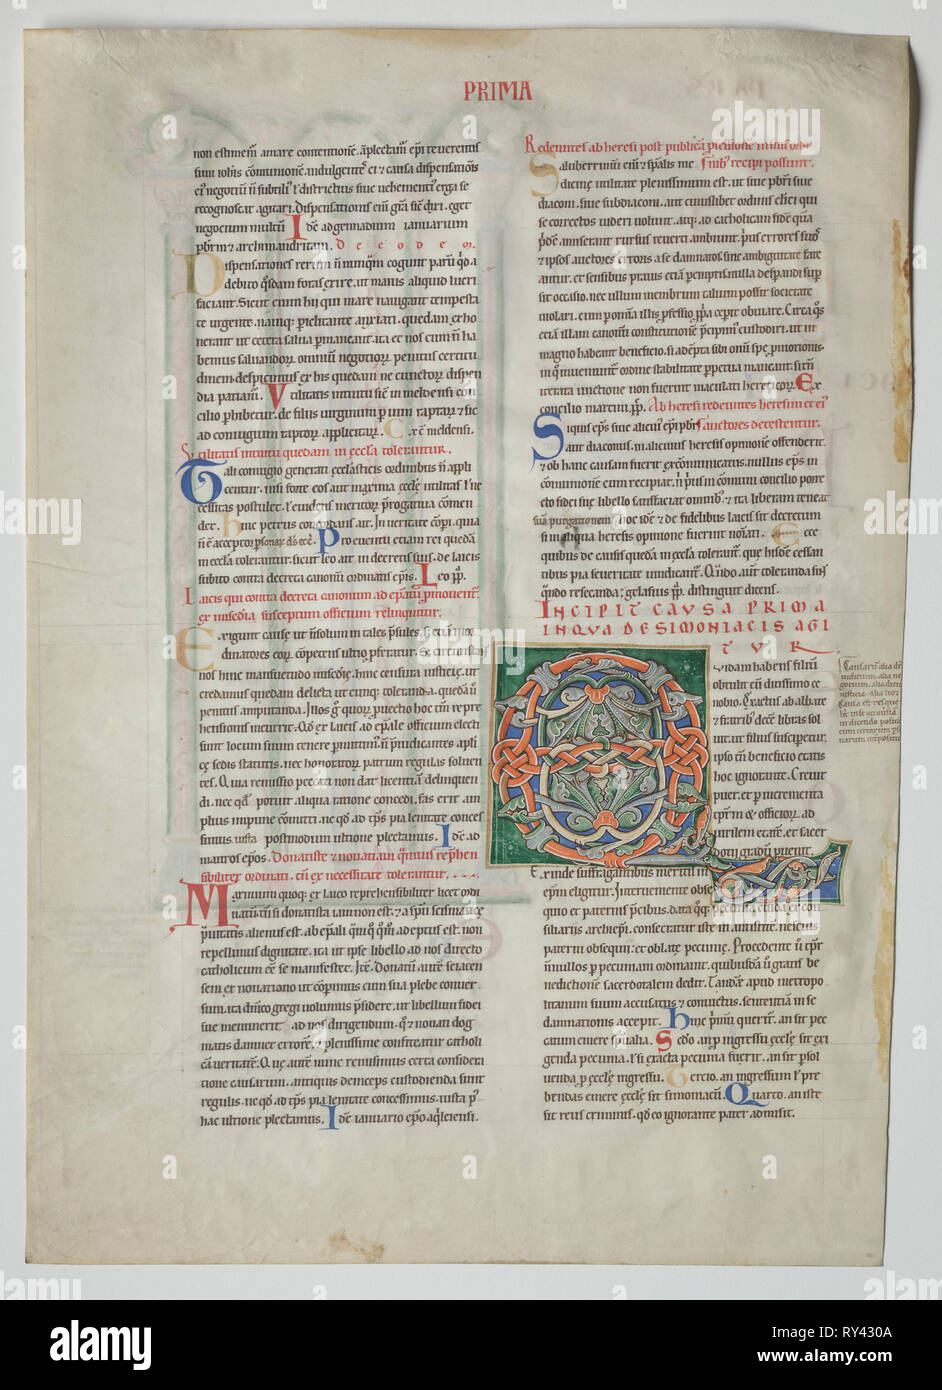 Une feuille d'un Decretum par Gratien: Initiale décorée Q[uidam obtulit habens filium] et Quadruple Arcade avec Concordance des alphabets latin et grec , ch. 1160-1165. France, Bourgogne, Archevêque de sens, l'abbaye de Pontigny, 12e siècle. Tempera et encre sur vélin; feuille: 44,8 x 32 cm (17 5/8 x 12 5/8 in.); pans: 63,5 x 48,3 cm (25 x 19 in.); enchevêtrées: 55,9 x 40,6 cm (22 x 16 in Banque D'Images